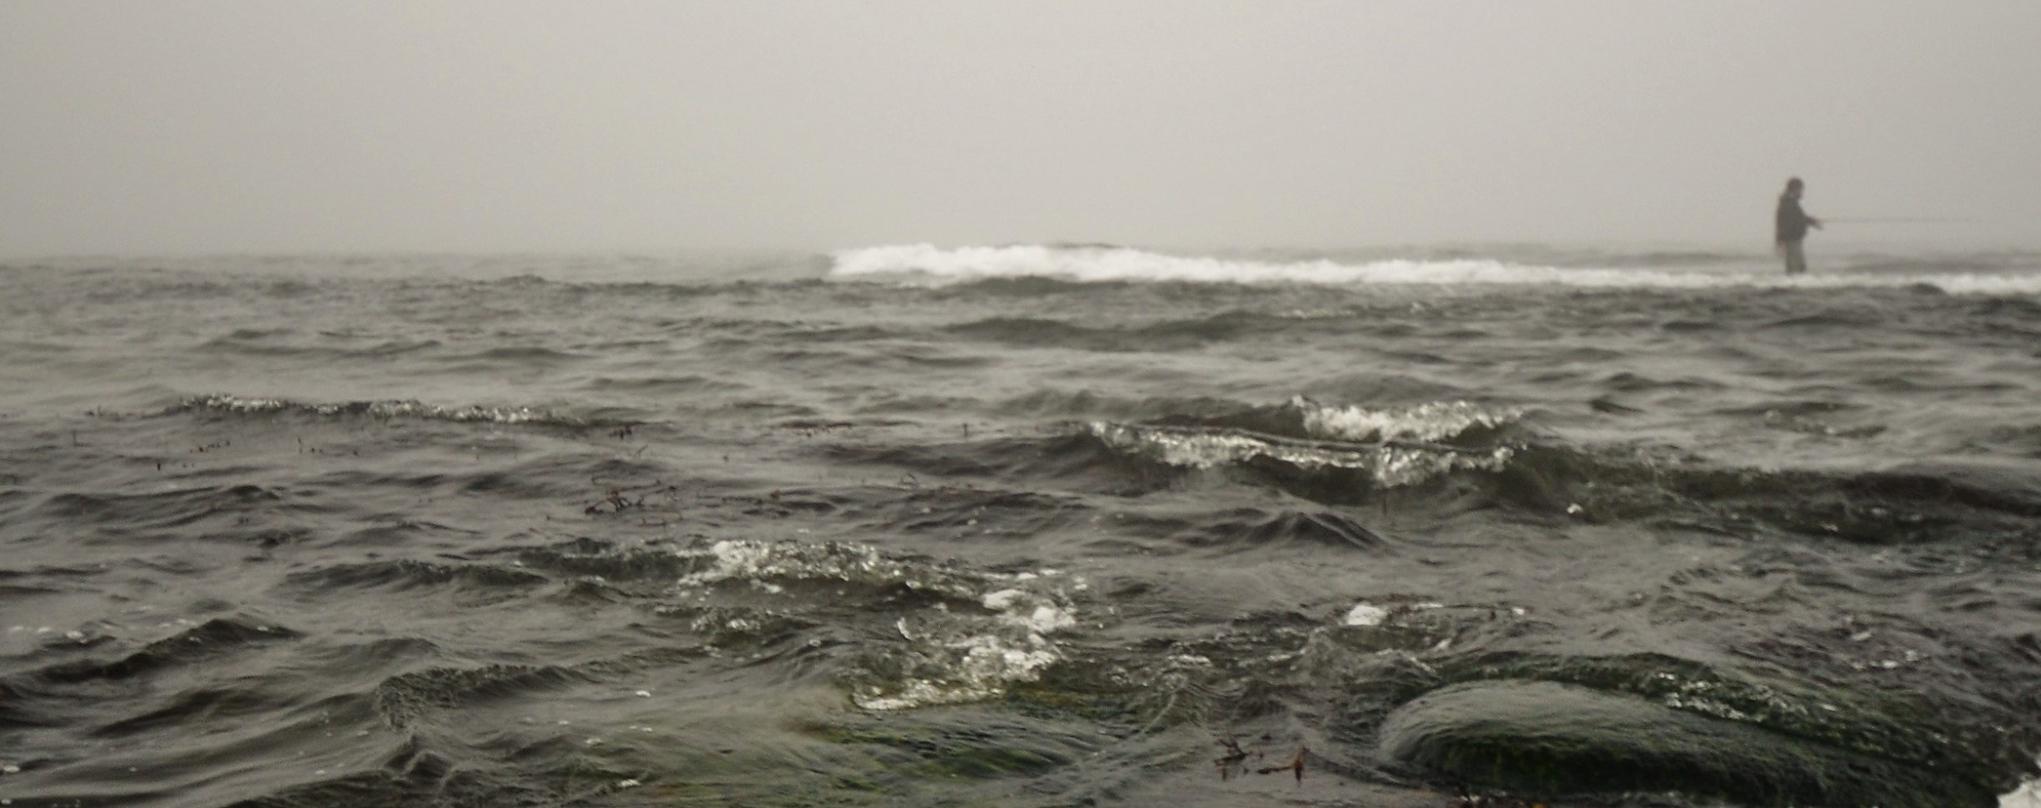 Solide fangstrater af kysthavørreder i foråret 2019